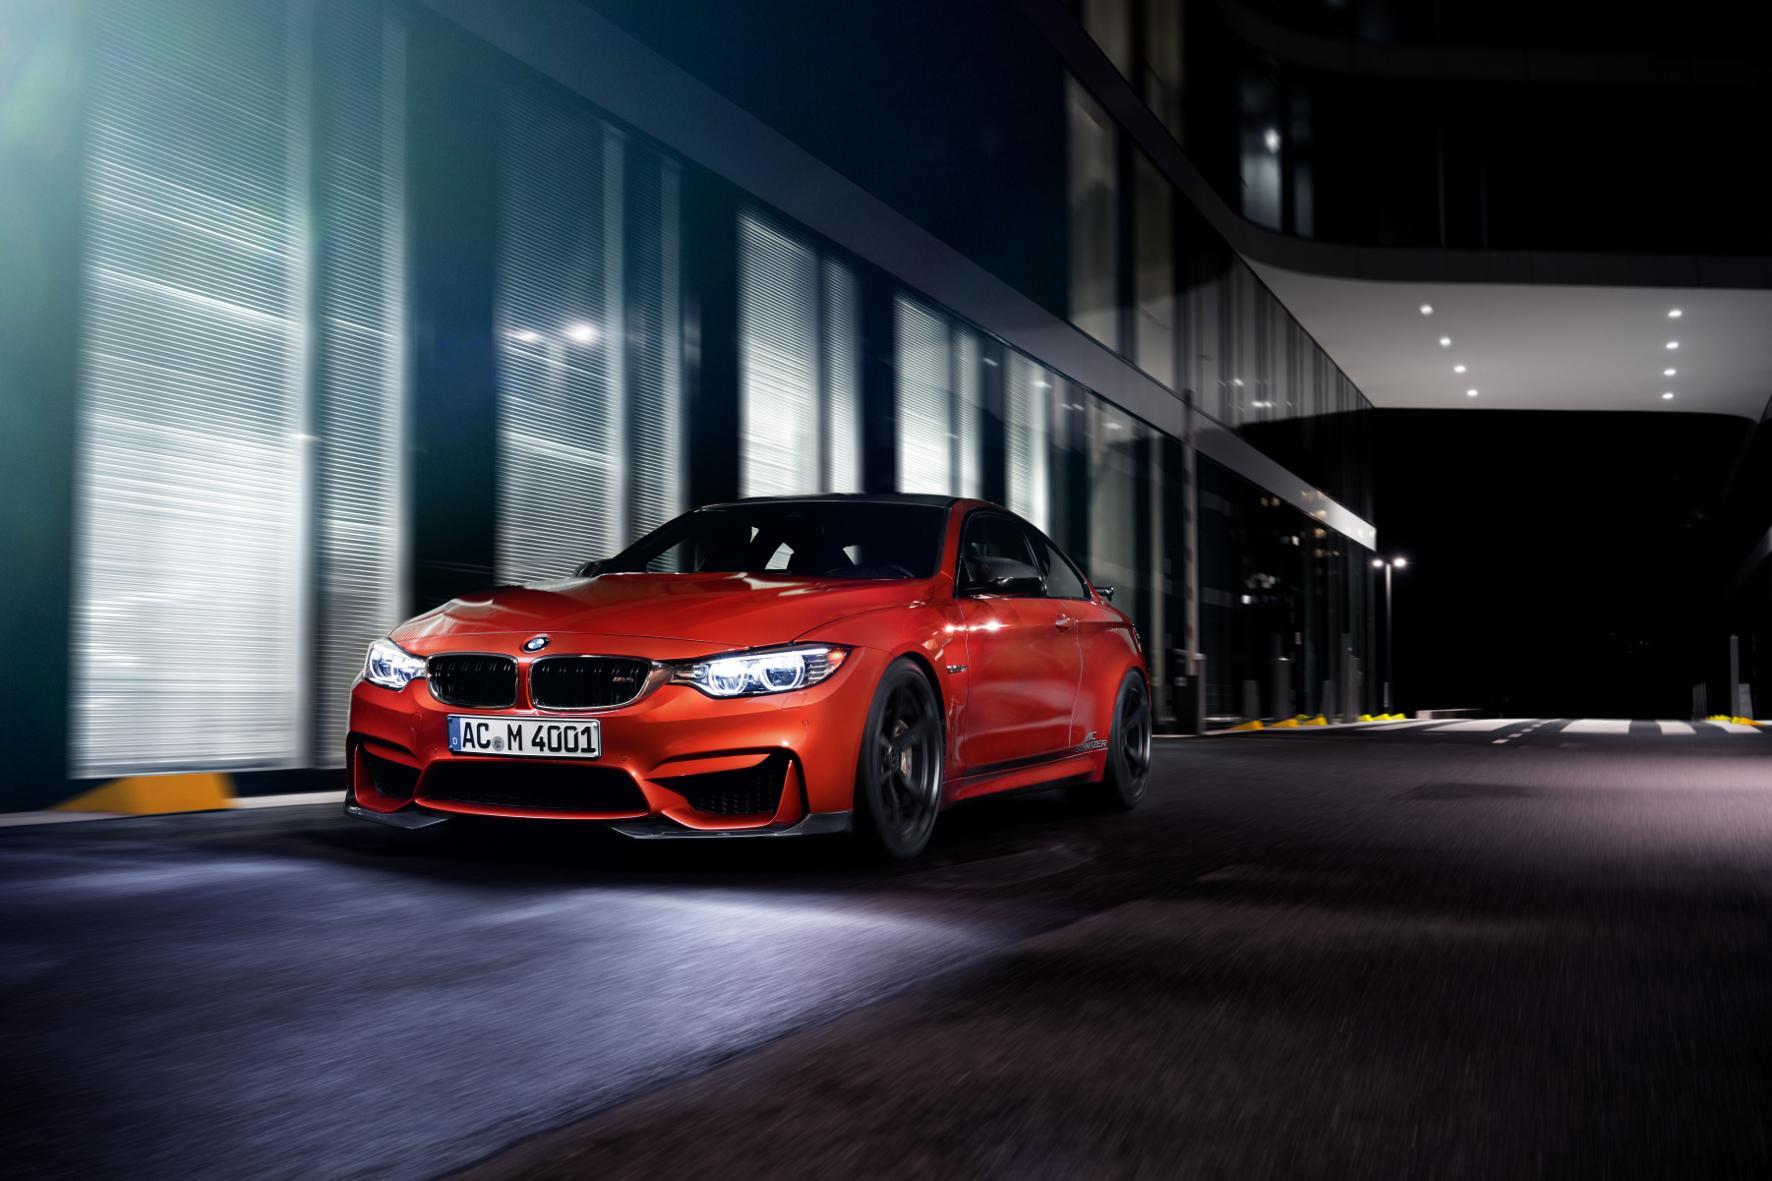 mid Groß-Gerau - Kraftkur für das Münchner Sportmodell: AC Schnitzer beflügelt BMW M3 und M4 und steigert die Leistung des doppelt aufgeladenen Reihensechszylinders auf 510 PS.